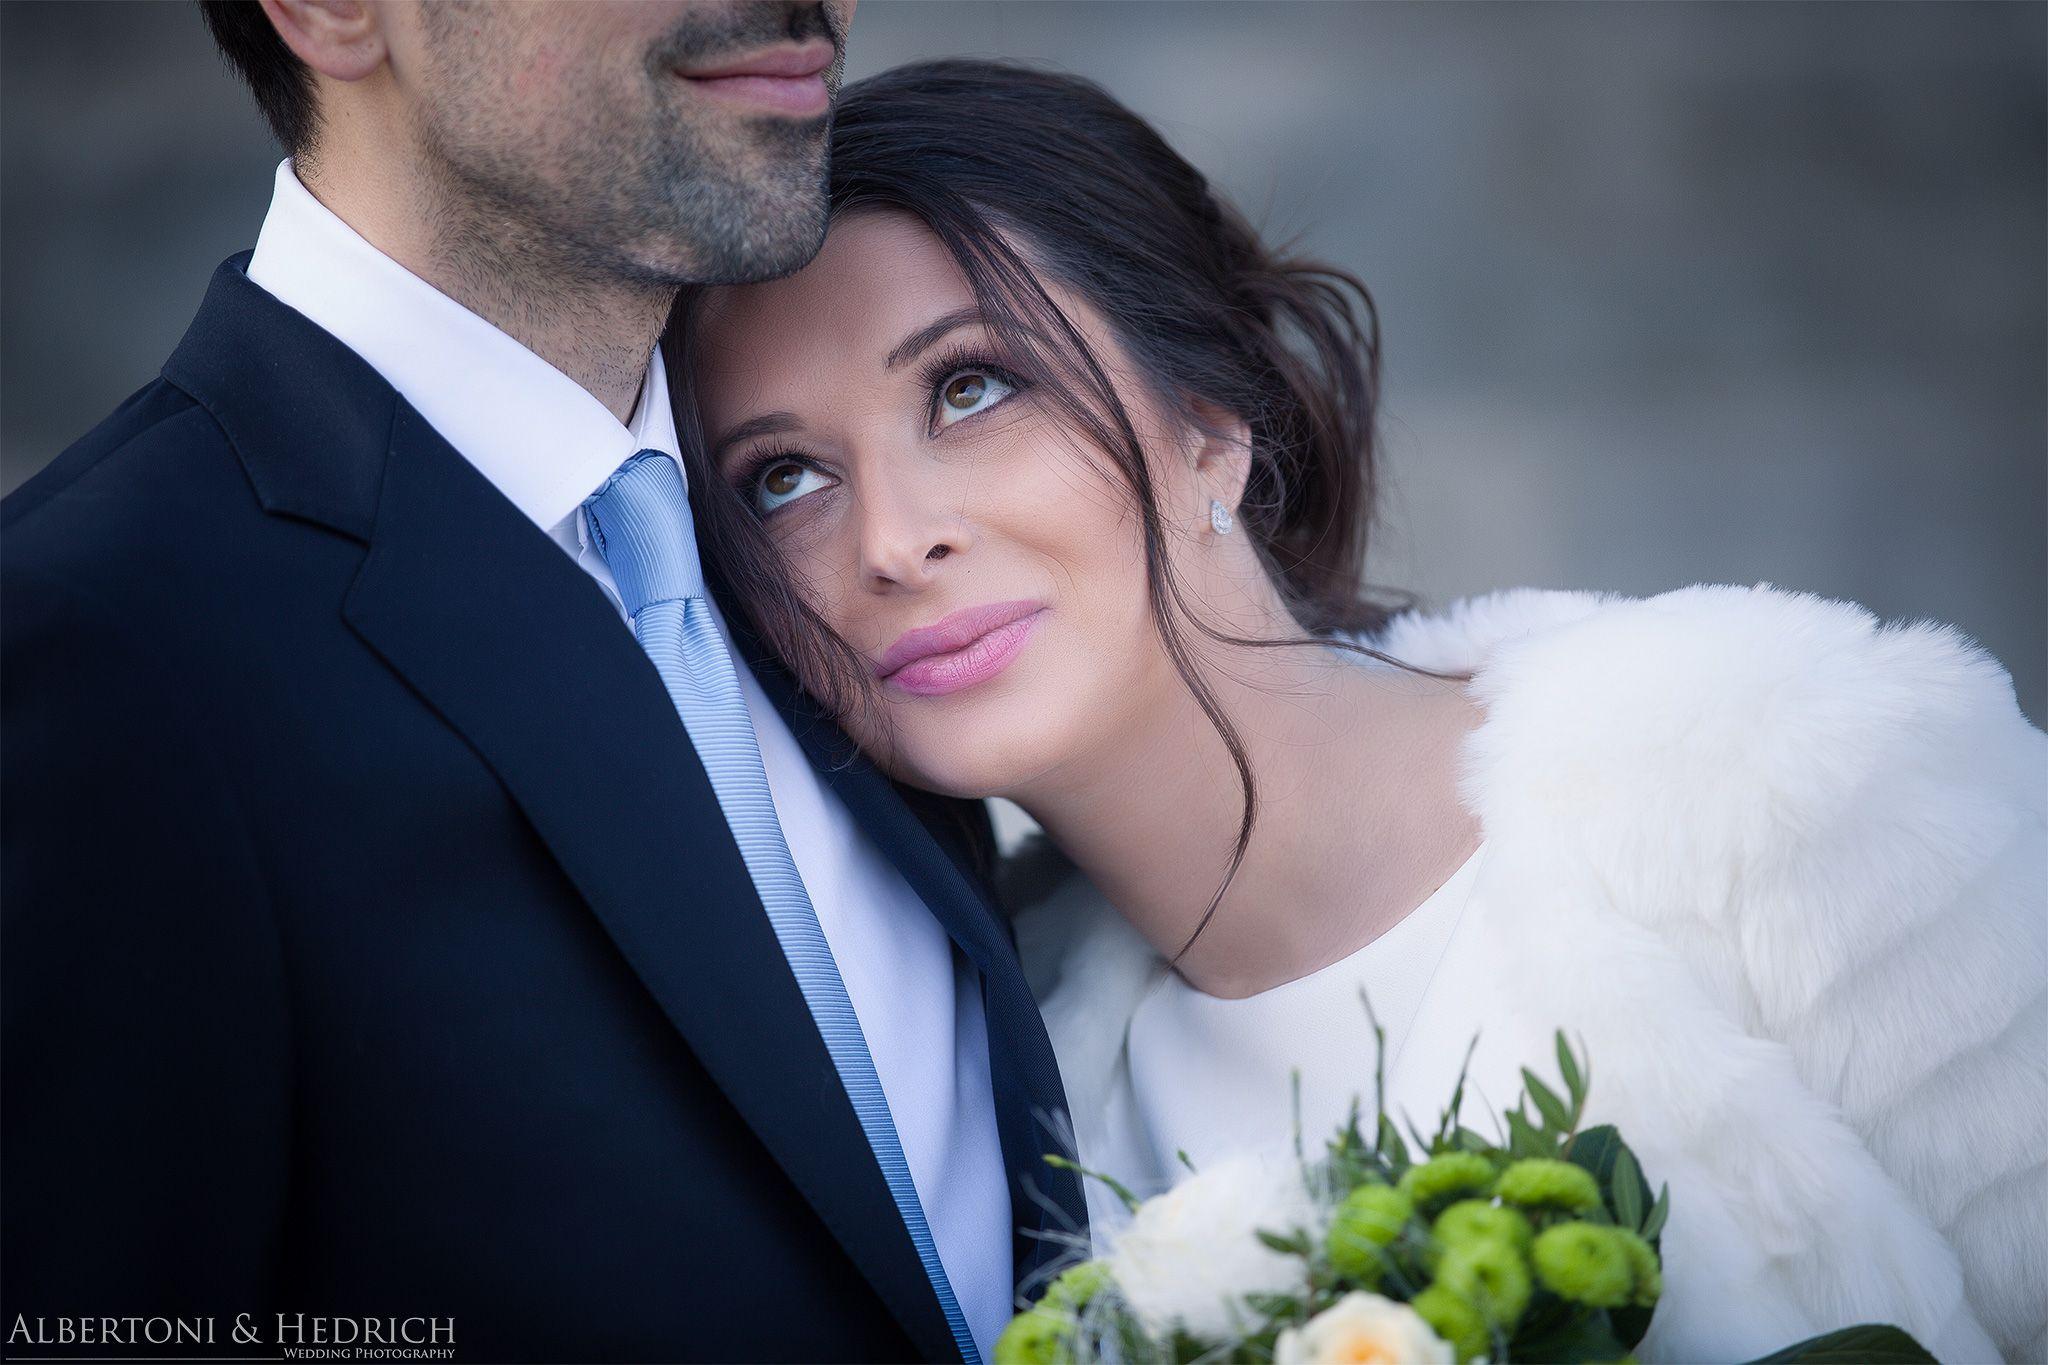 Als Hochzeitsfotograf sind wir auch oft in Zürich unterwegs. Ziviltrauungen im Stadthaus Zürich. Wunderschöne Hochzeitsreportagen und Ziviltrauungen